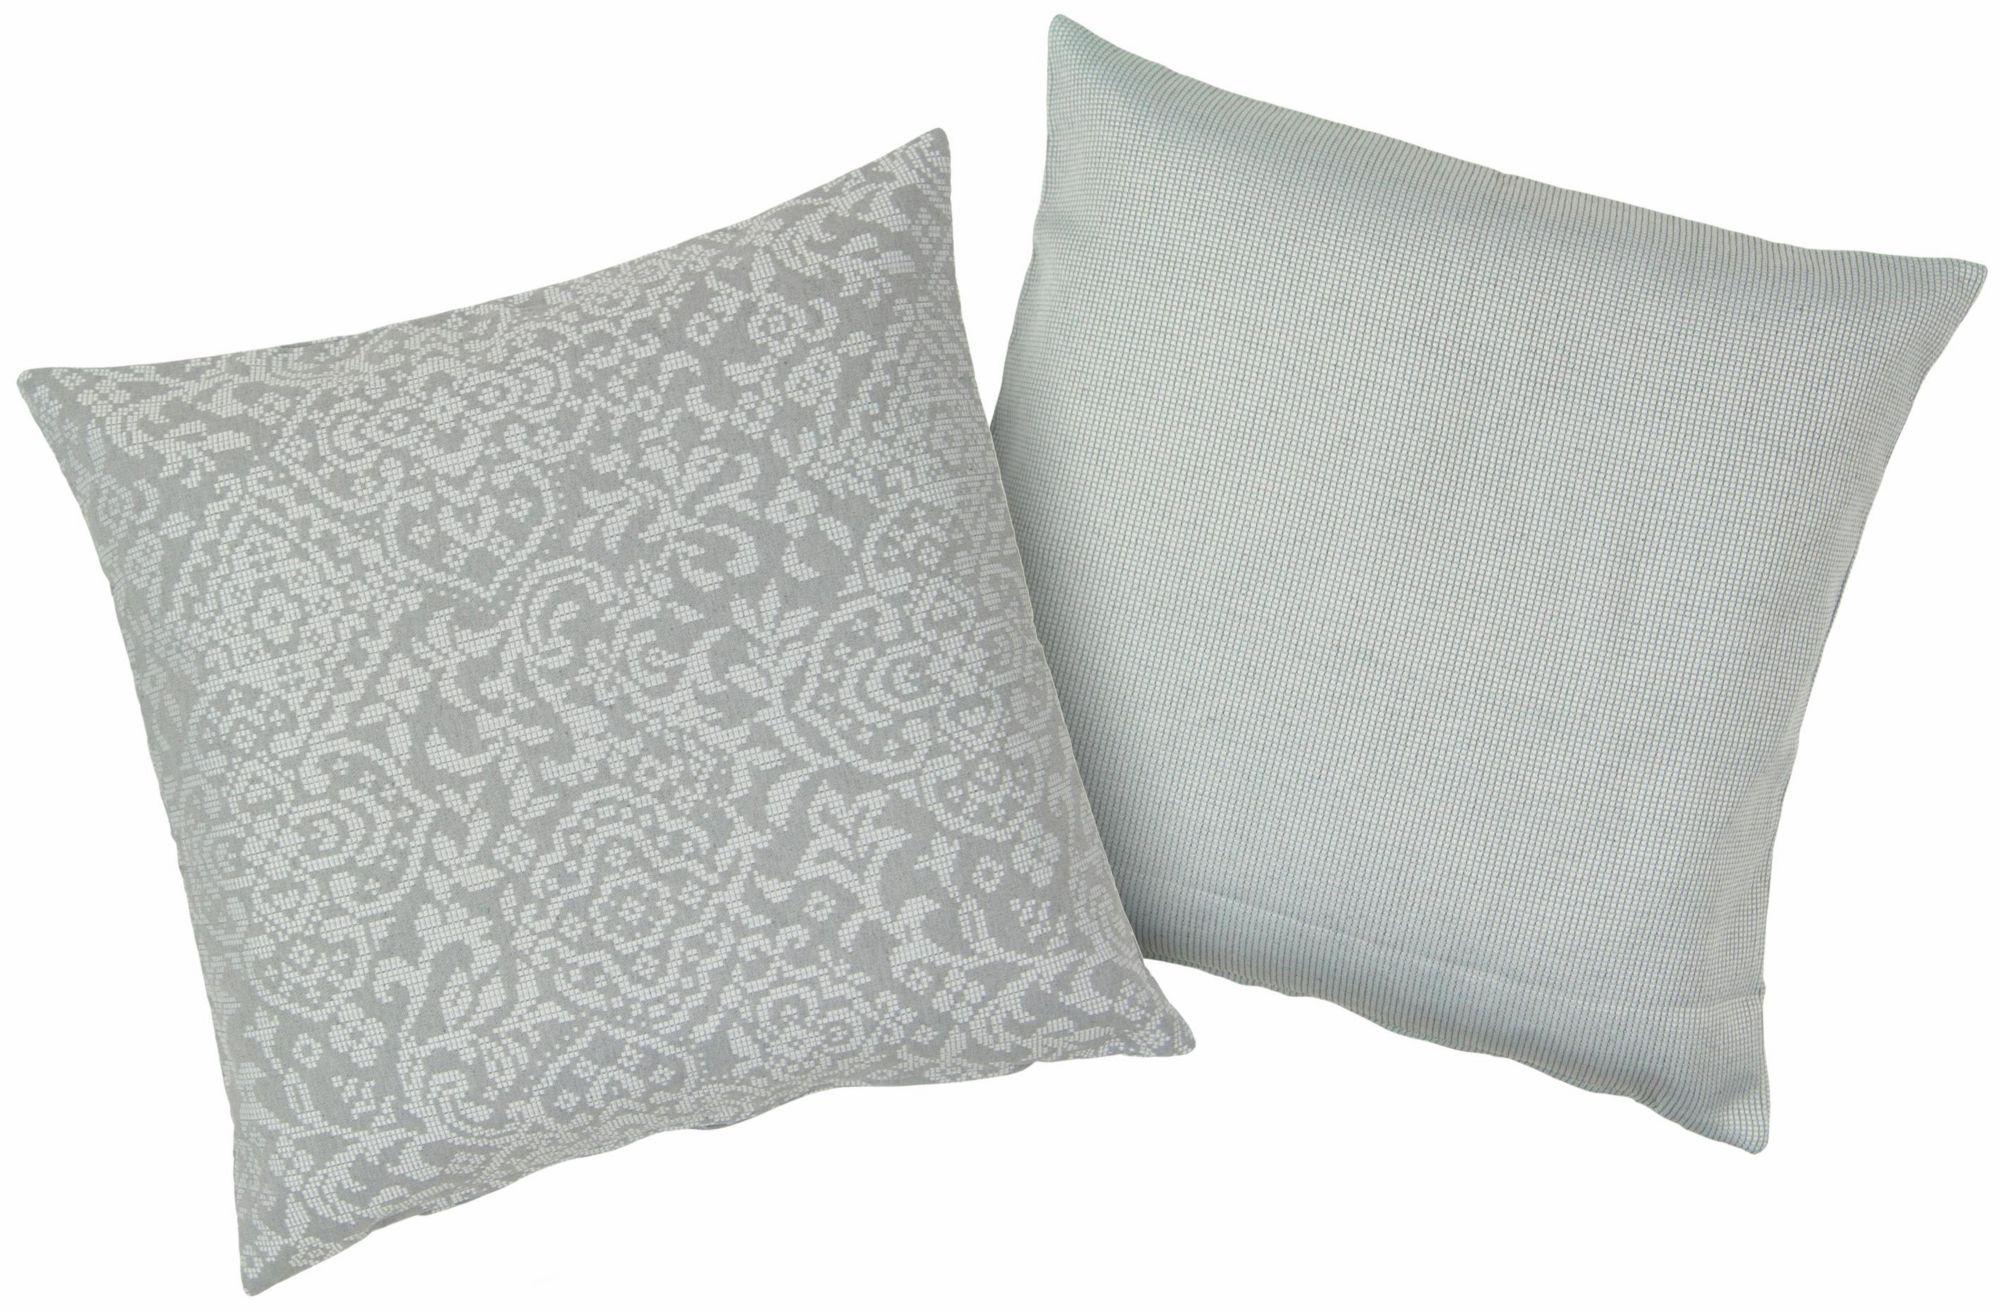 HAGEMANN Kissenbezüge, Hagemann, »Ingve«, 2 Stück in unterschiedlichem Design